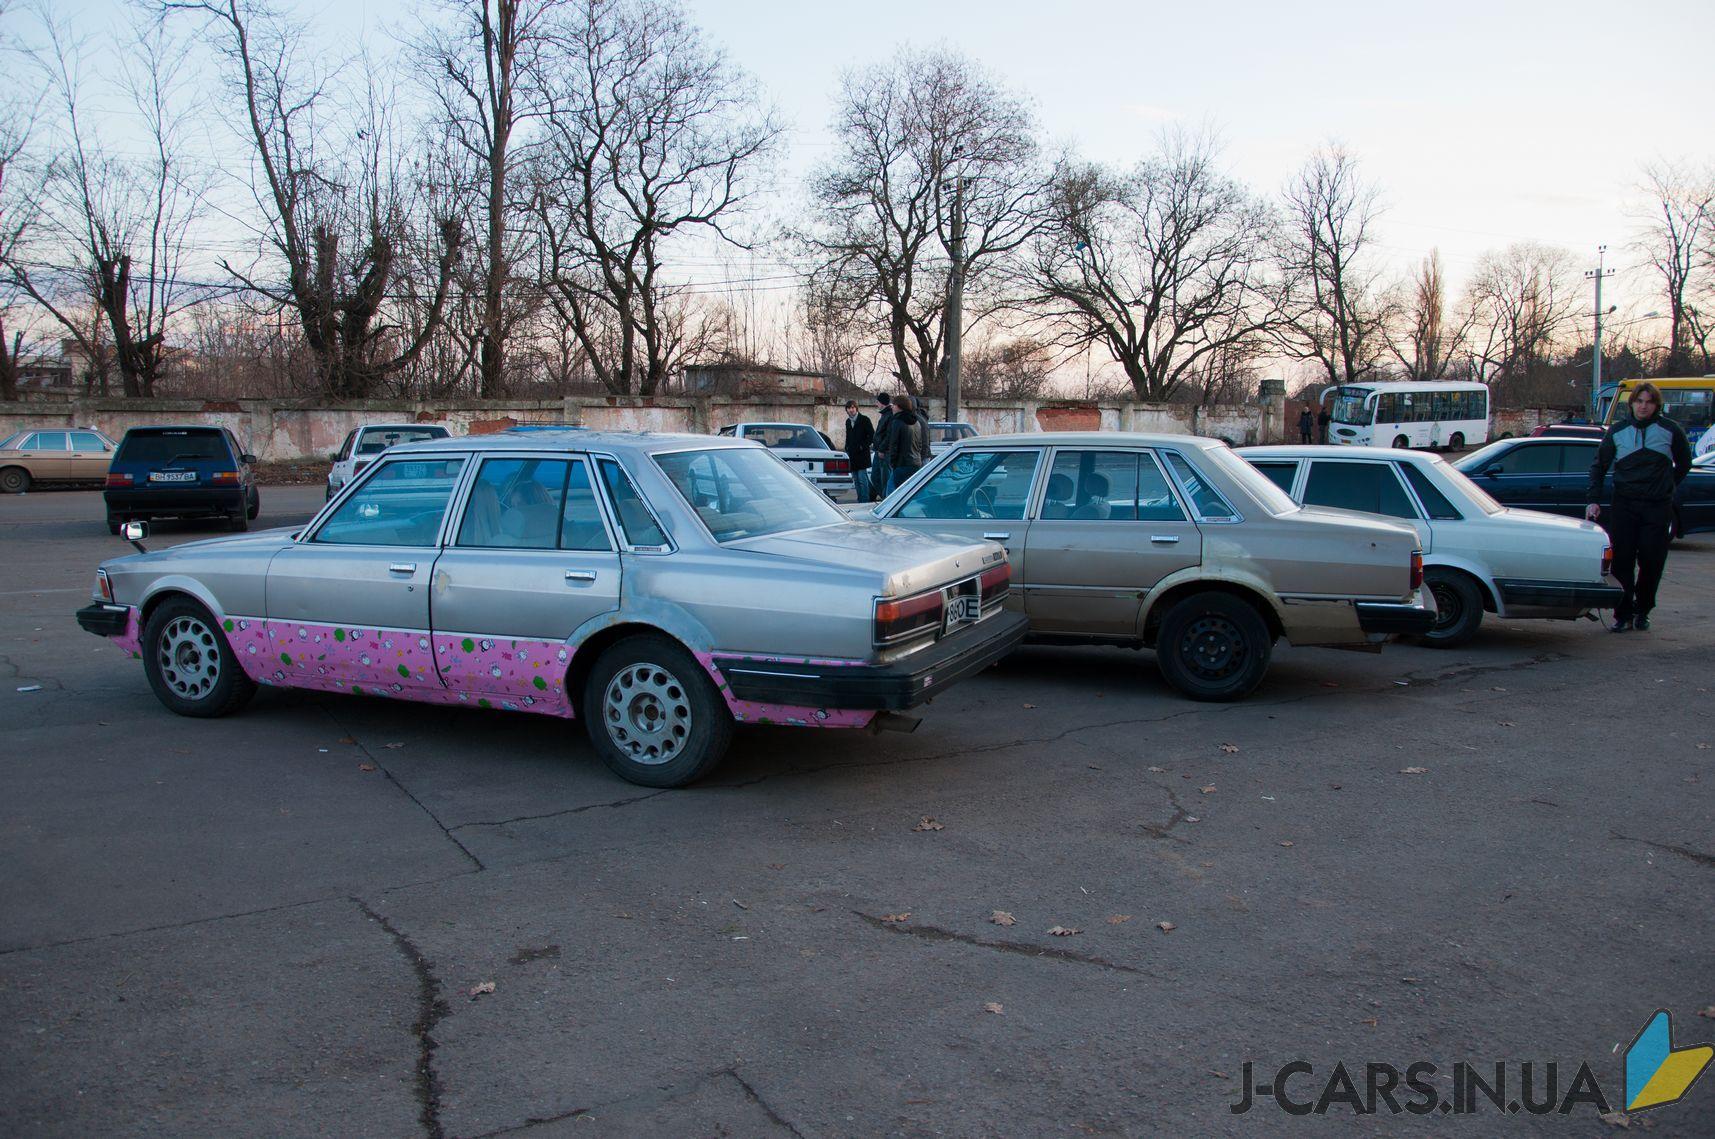 j-cars.in.ua markii